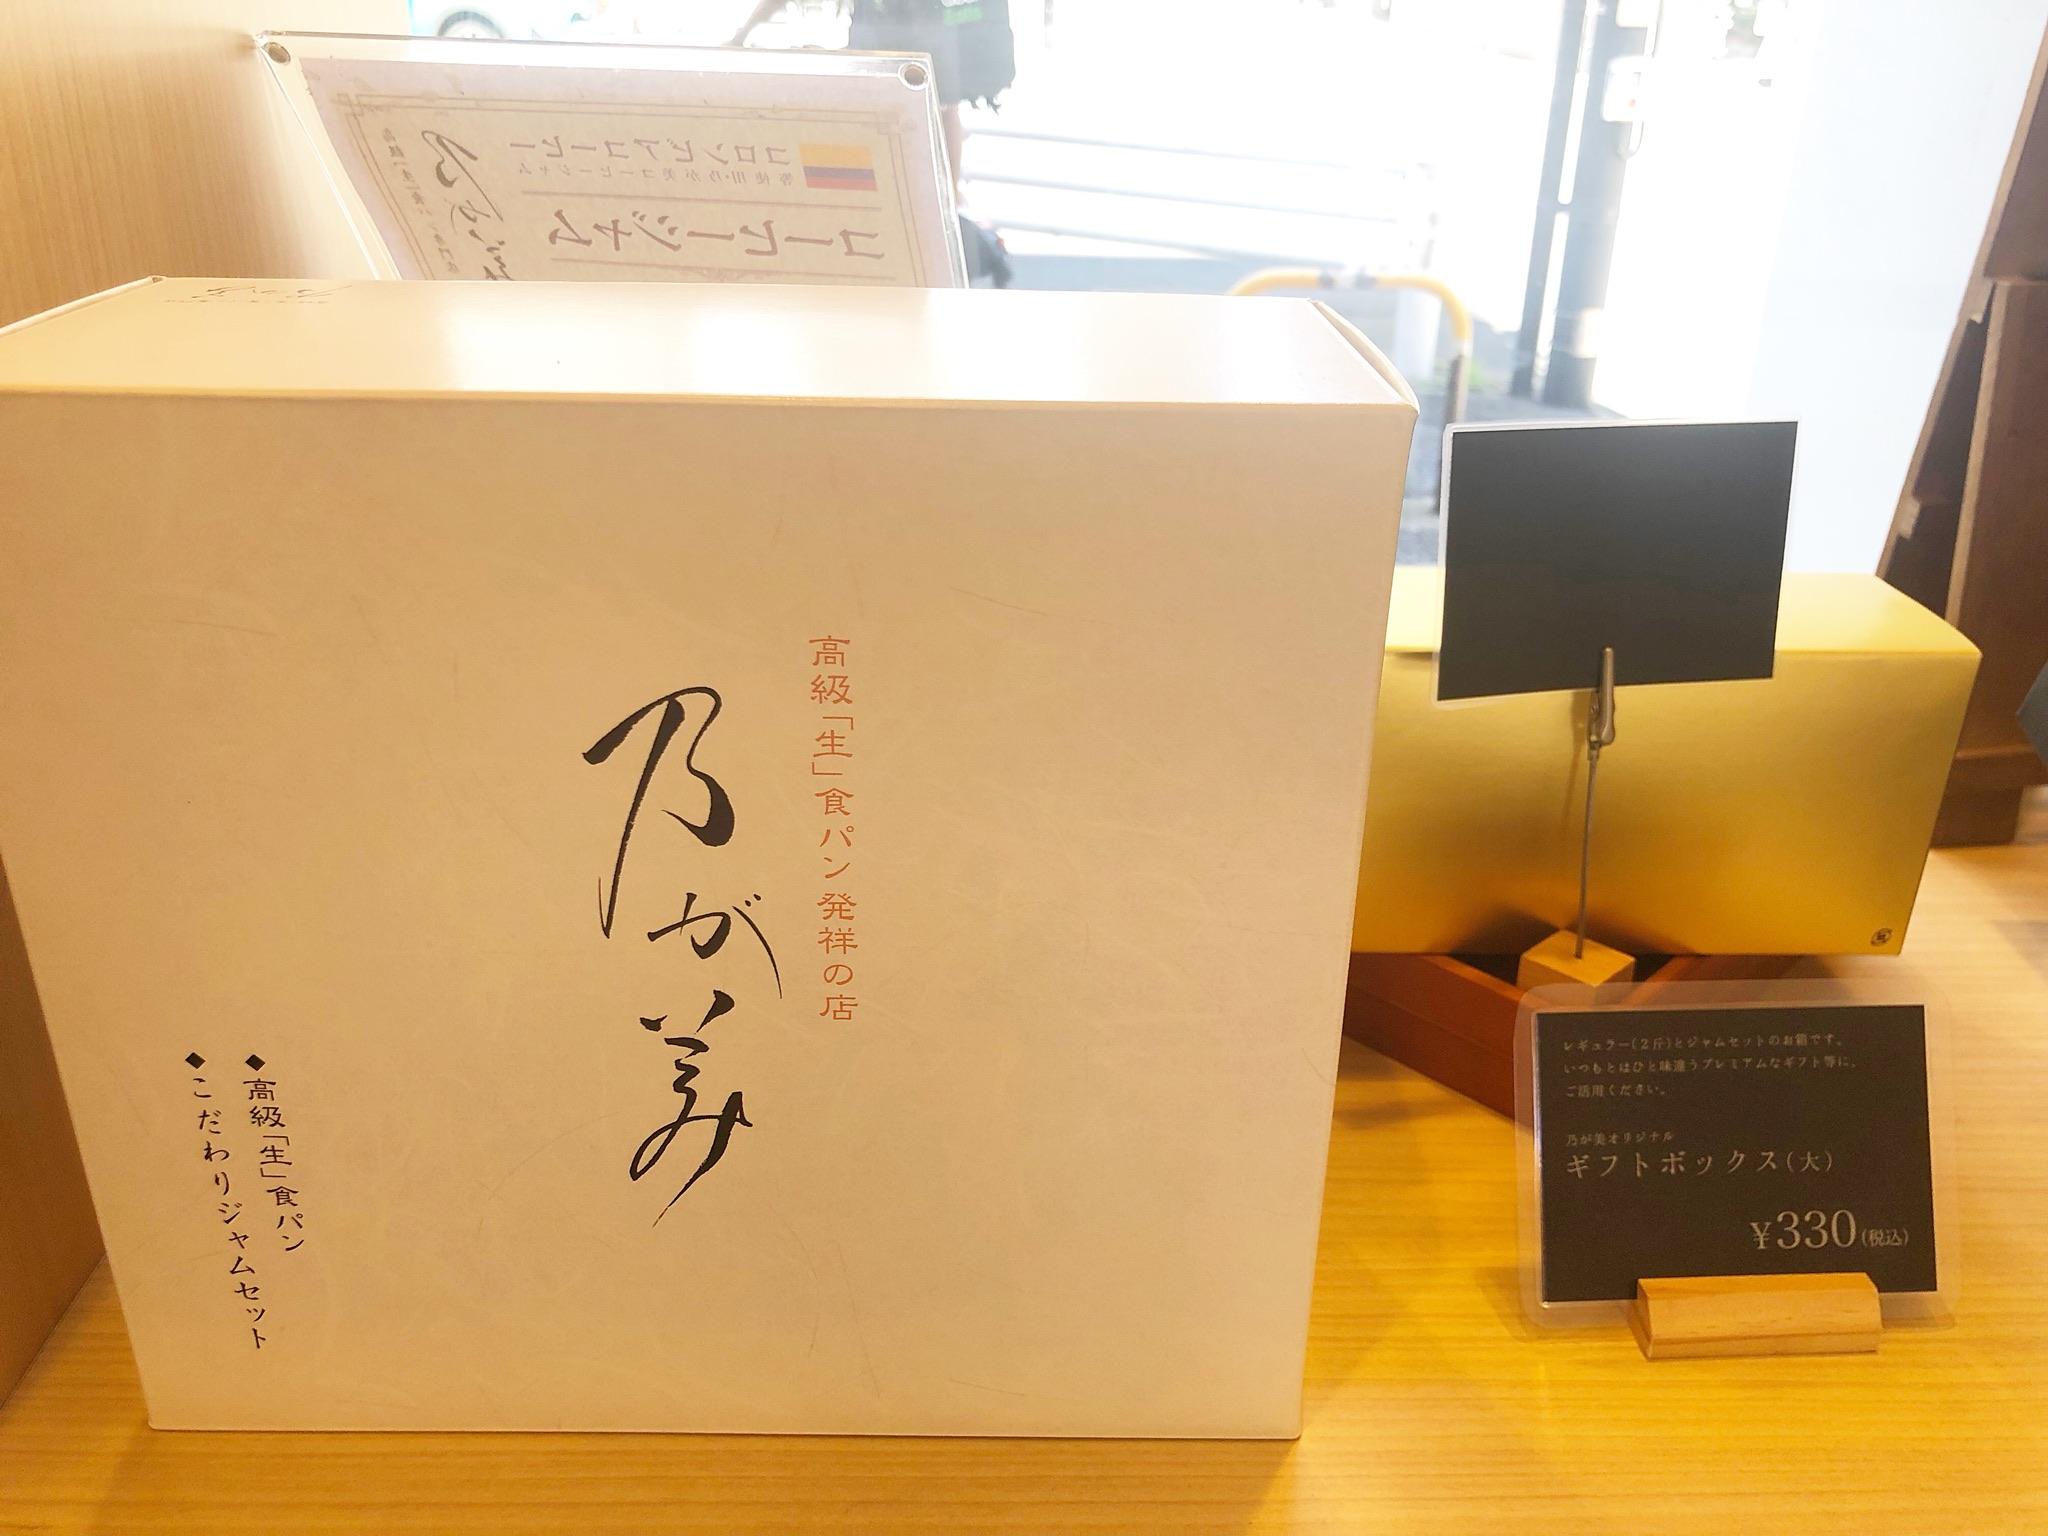 【官公庁OLが選ぶプチ手土産】3年連続日本No.1♡高級食パンでリッチなおうち時間୨୧_3